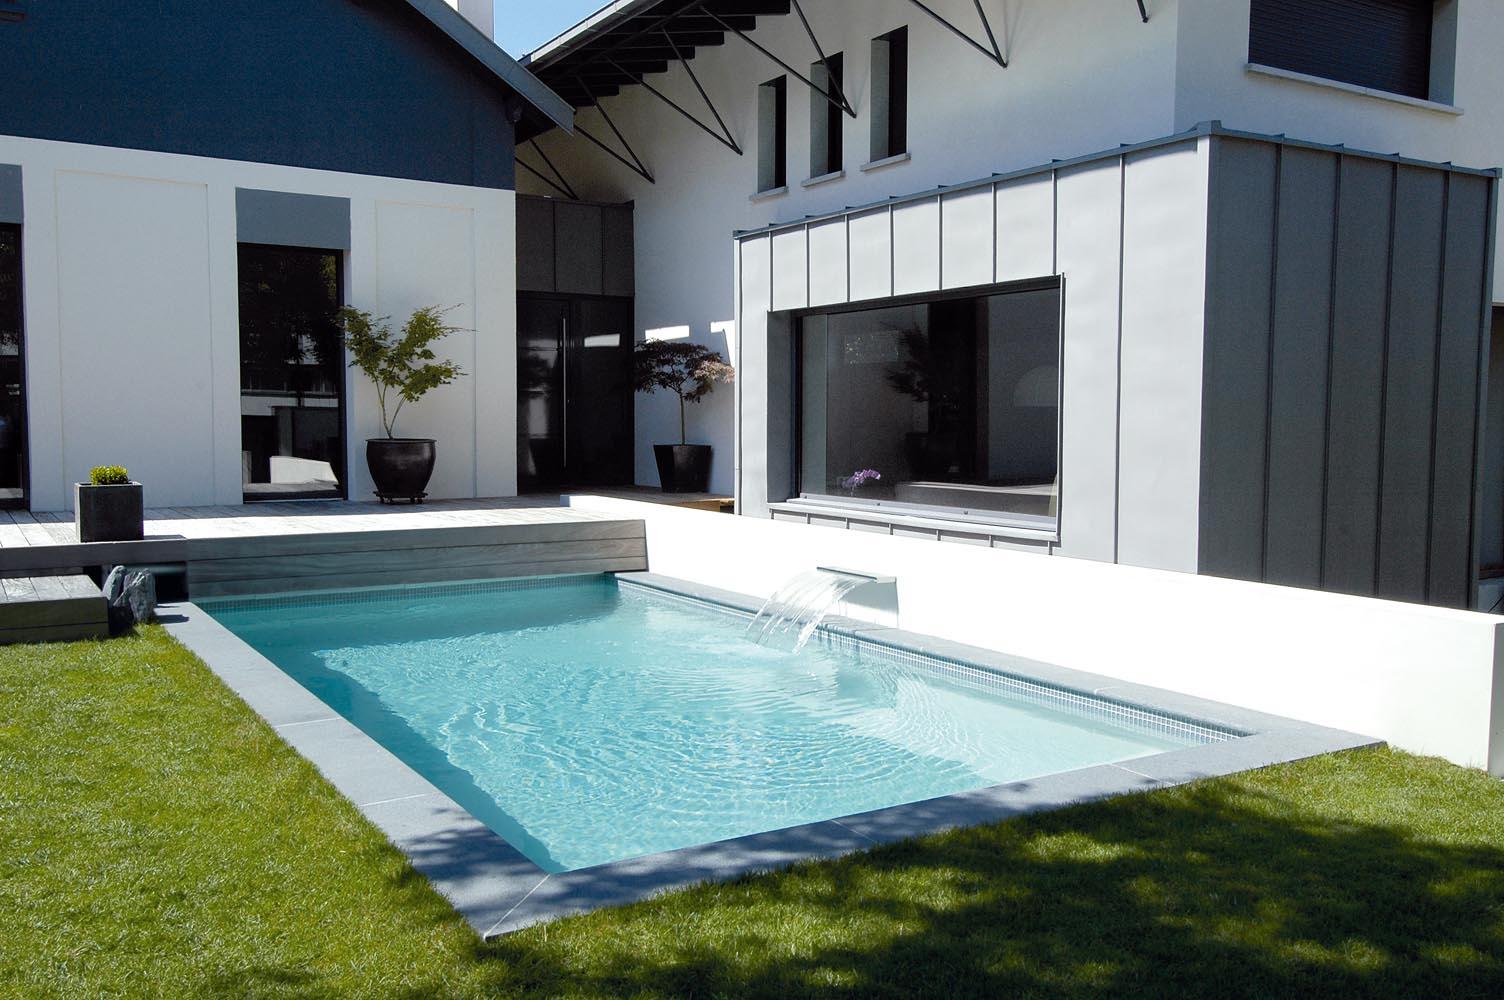 portfolio de piscines diffazur par dix sept imagesb n dicte favarel photographe d 39 architecture. Black Bedroom Furniture Sets. Home Design Ideas